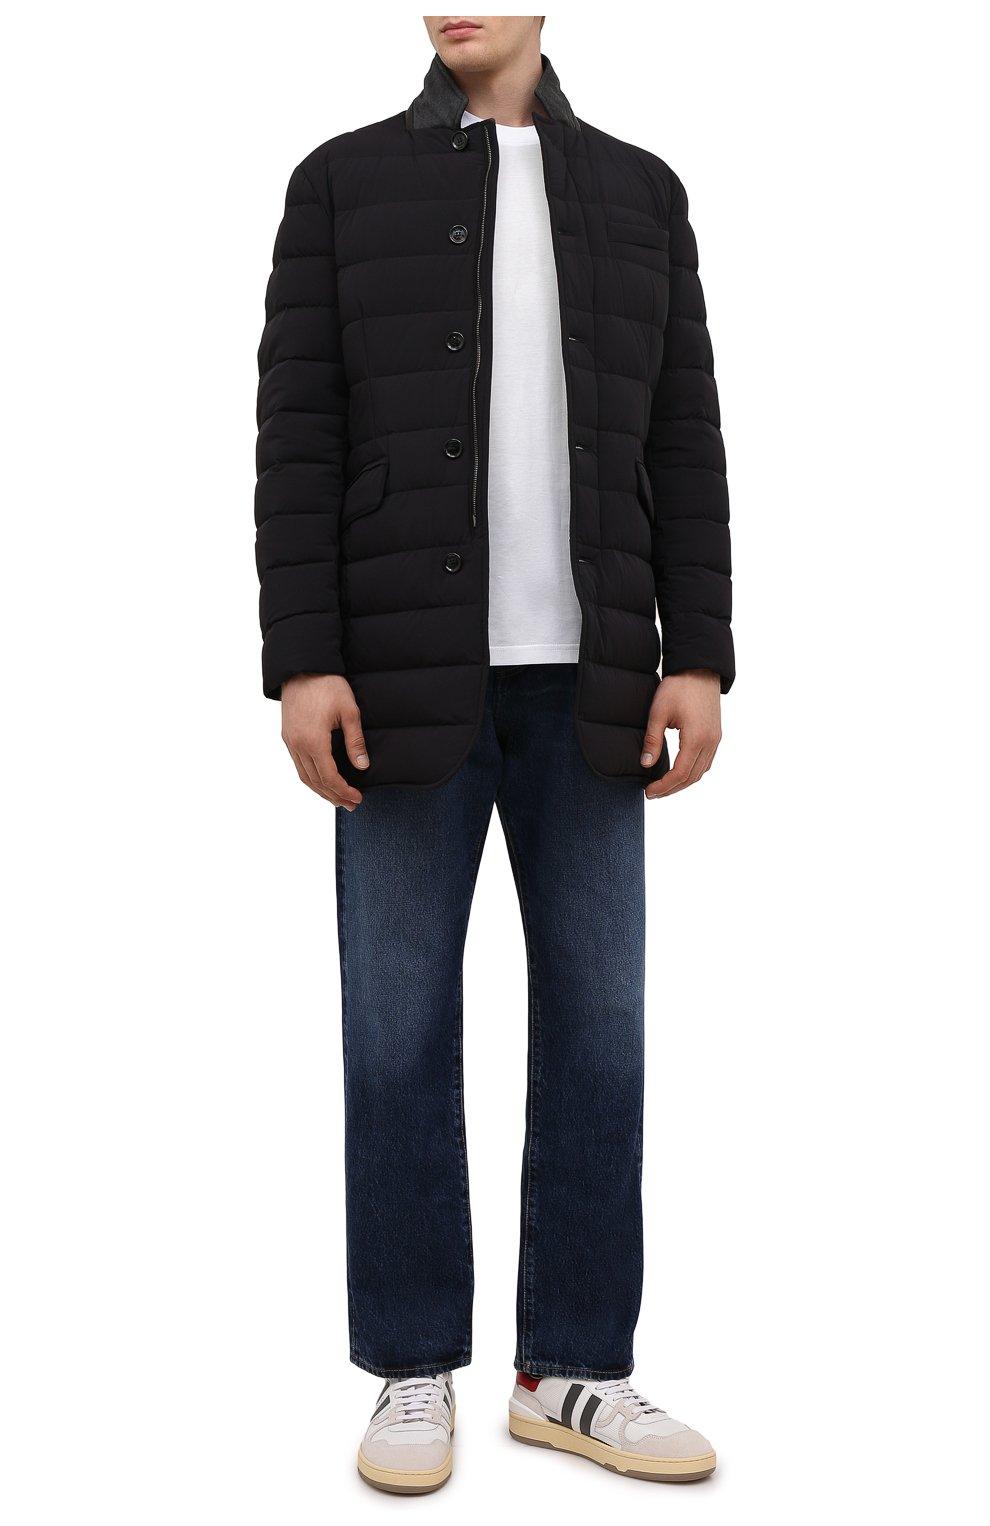 Мужская пуховик nabil-kn MOORER черного цвета, арт. NABIL-KN/M0UGI100240-TEPA009 | Фото 2 (Кросс-КТ: Куртка; Мужское Кросс-КТ: пуховик-короткий; Рукава: Длинные; Длина (верхняя одежда): До середины бедра; Материал внешний: Синтетический материал; Стили: Классический; Материал подклада: Синтетический материал; Материал утеплителя: Пух и перо)